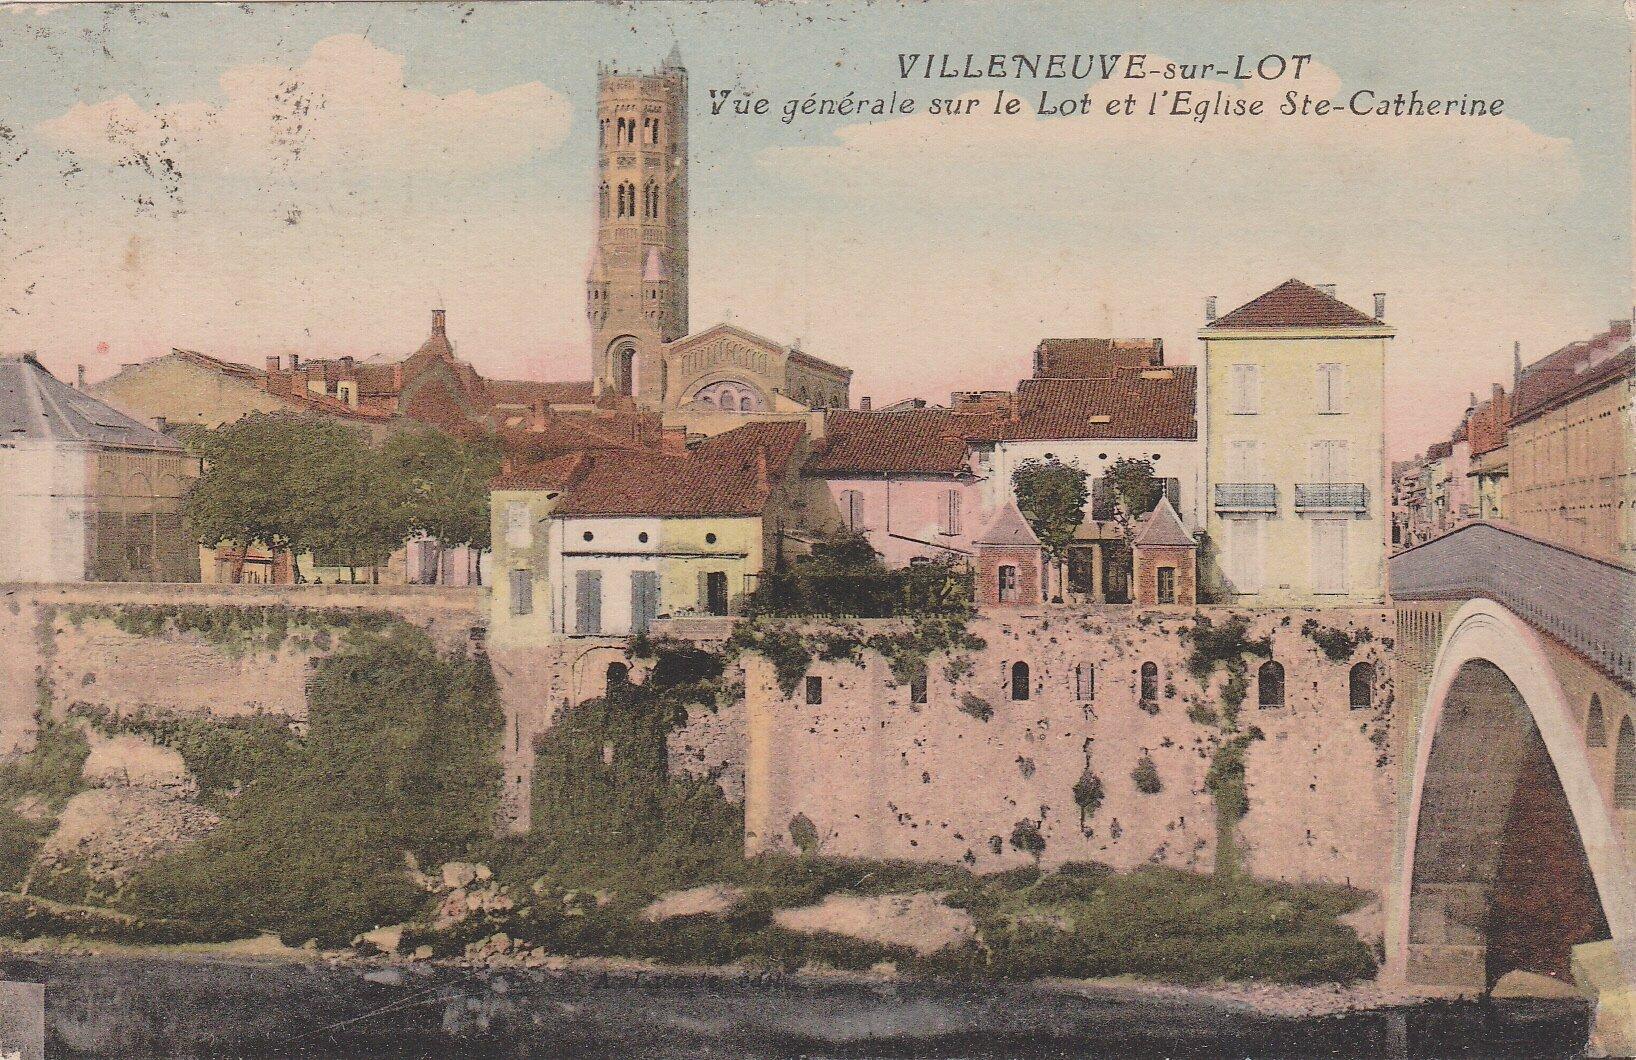 Villeneuve-sur-Lot Vue générale sur le Lot et l'Eglise Sainte Catherine